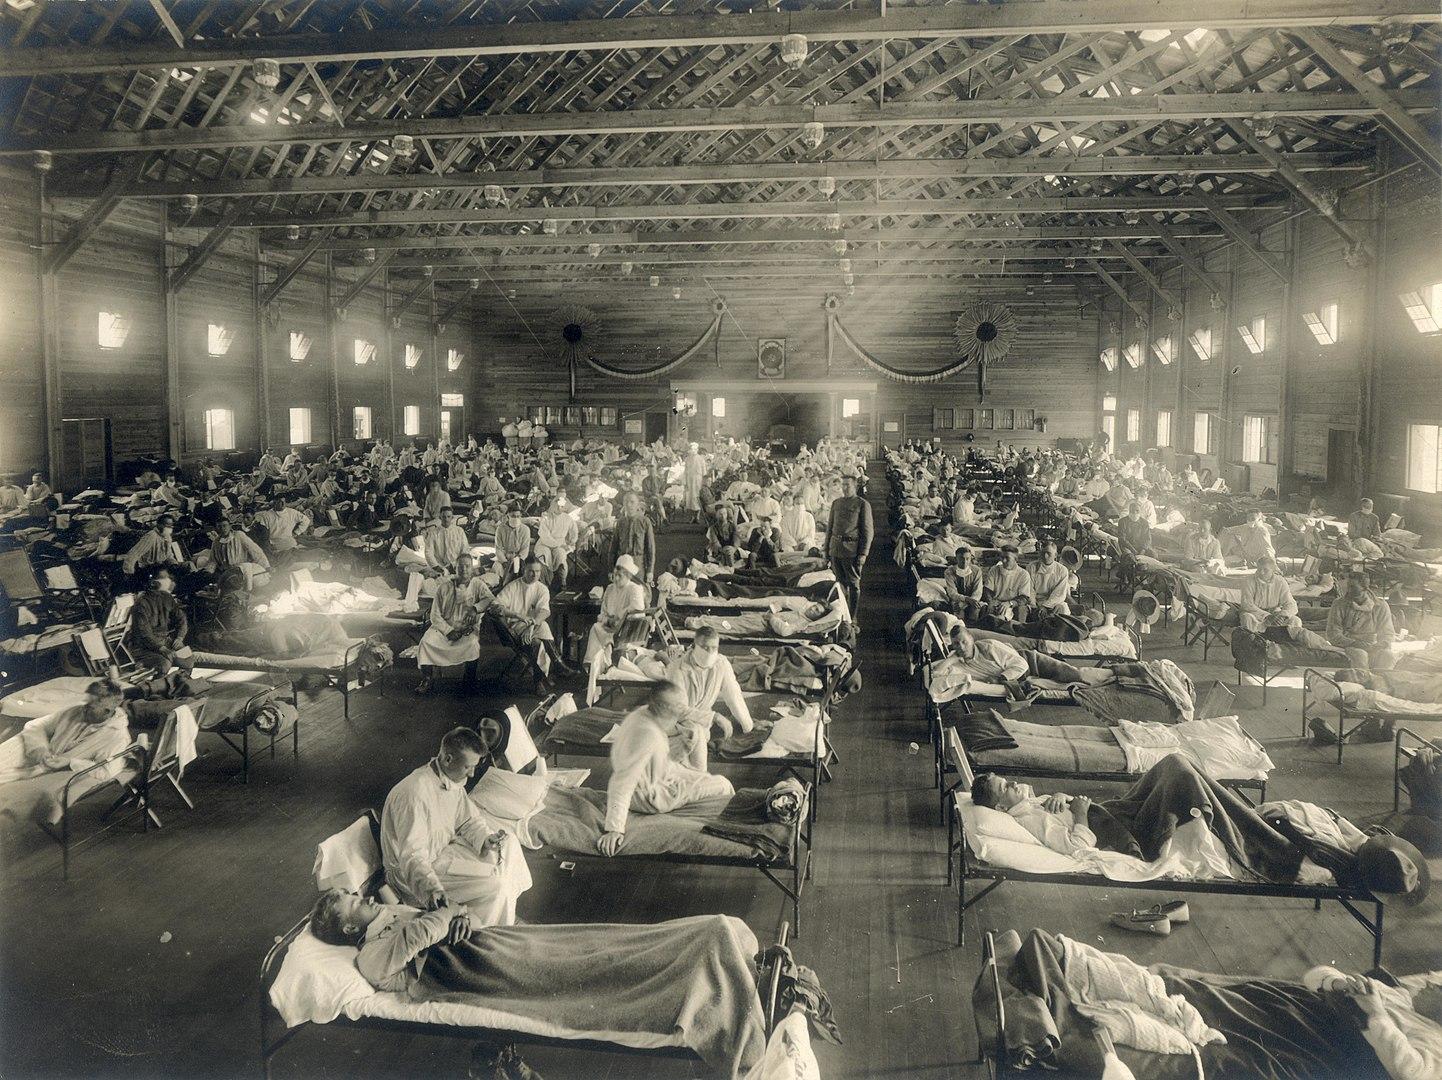 O vírus influenza causou milhões de mortes em todo o mundo em 1918. (Fonte: Wikimedia Commons)